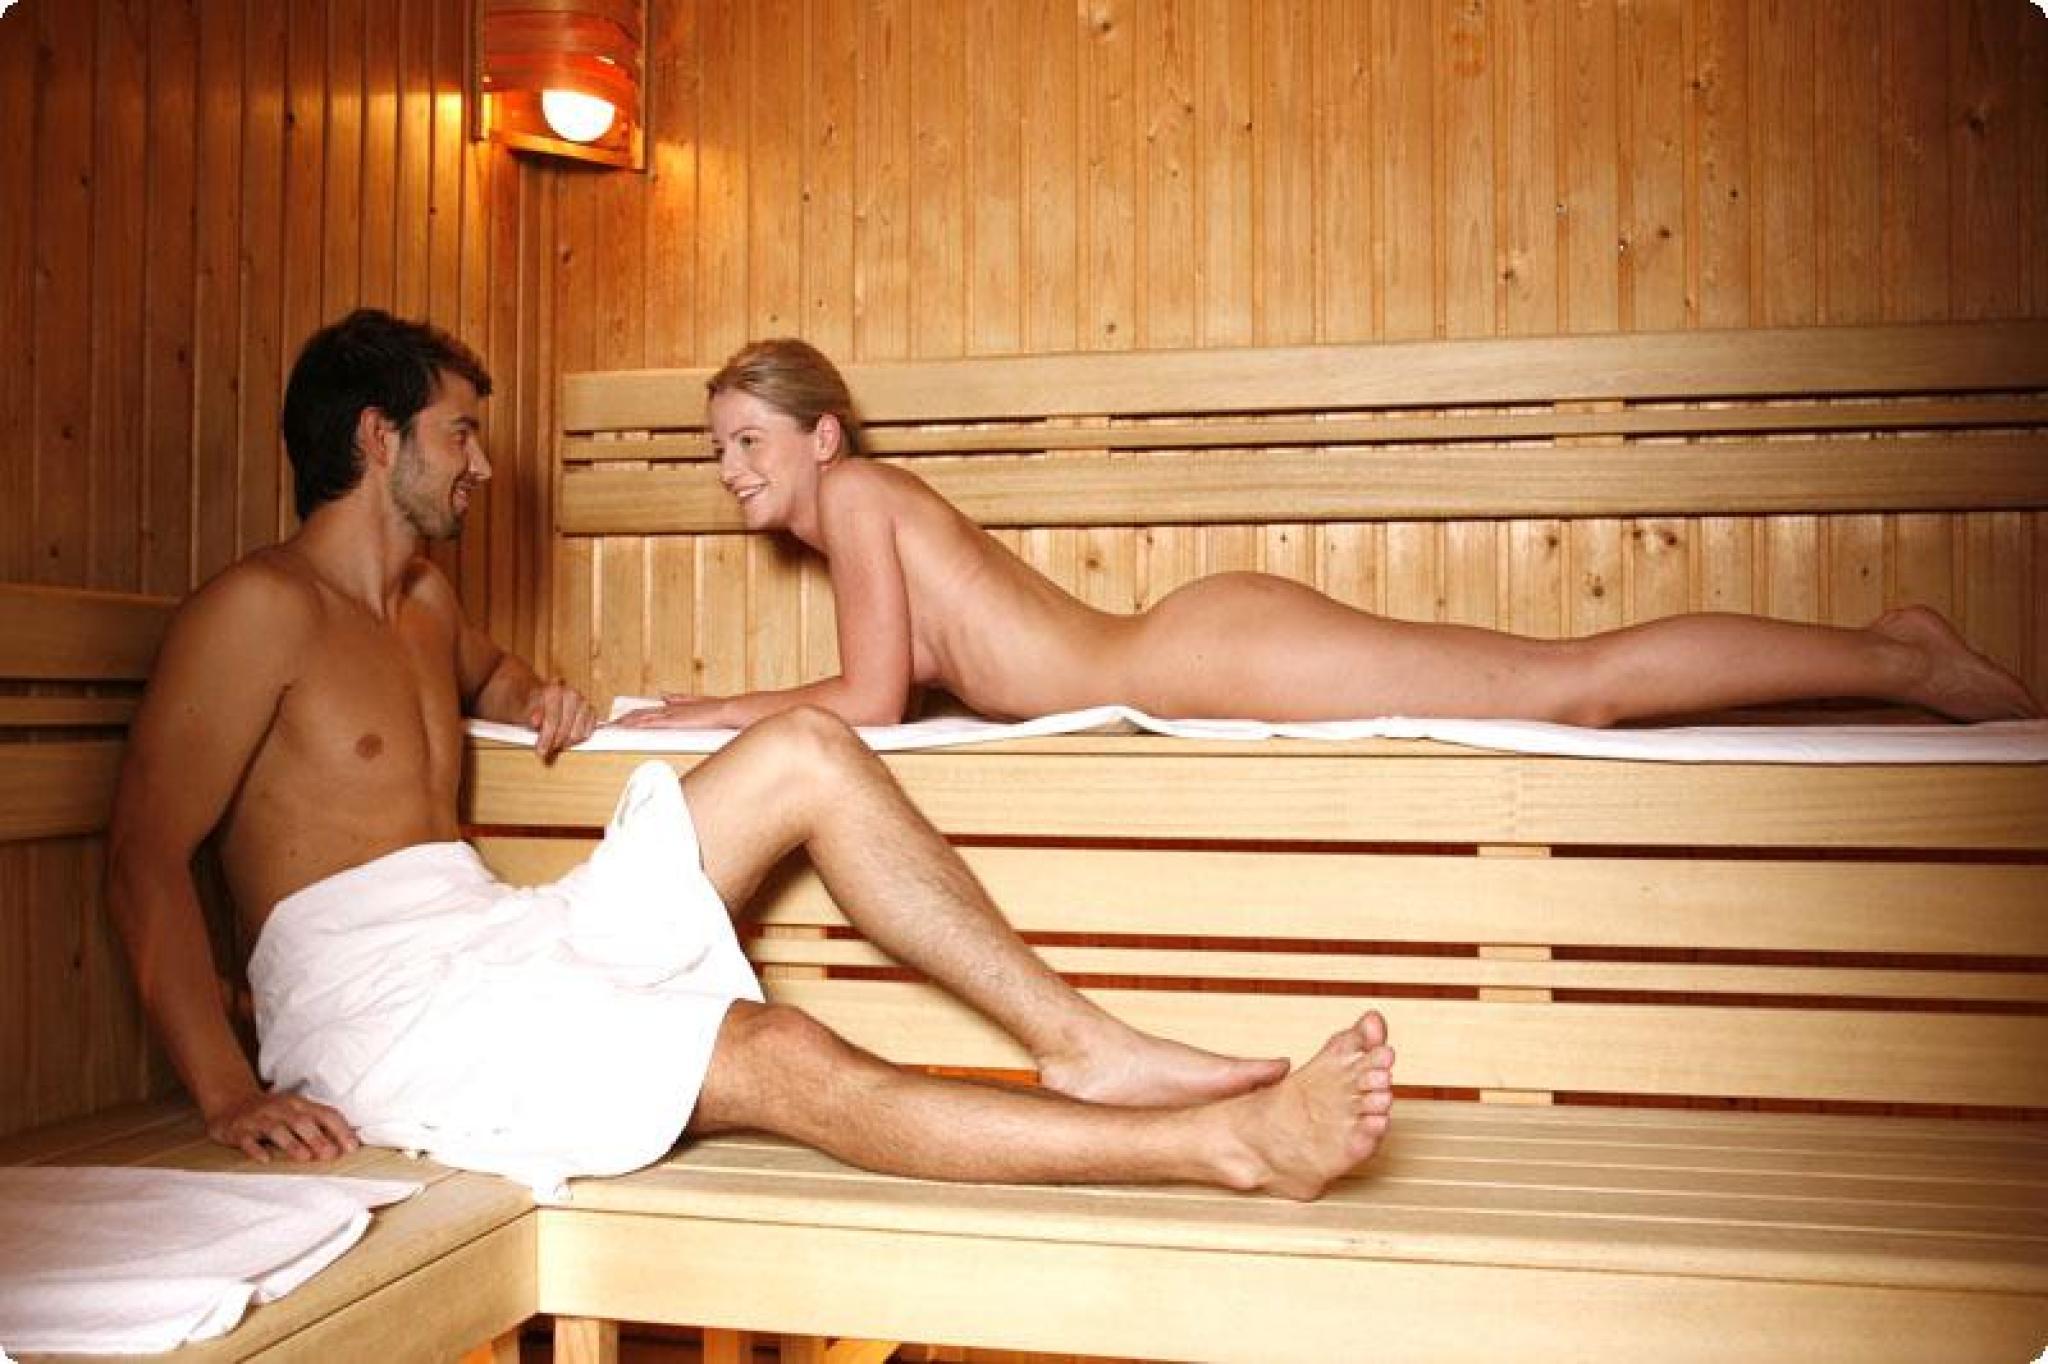 Фото девушек и мущин в бане 25 фотография